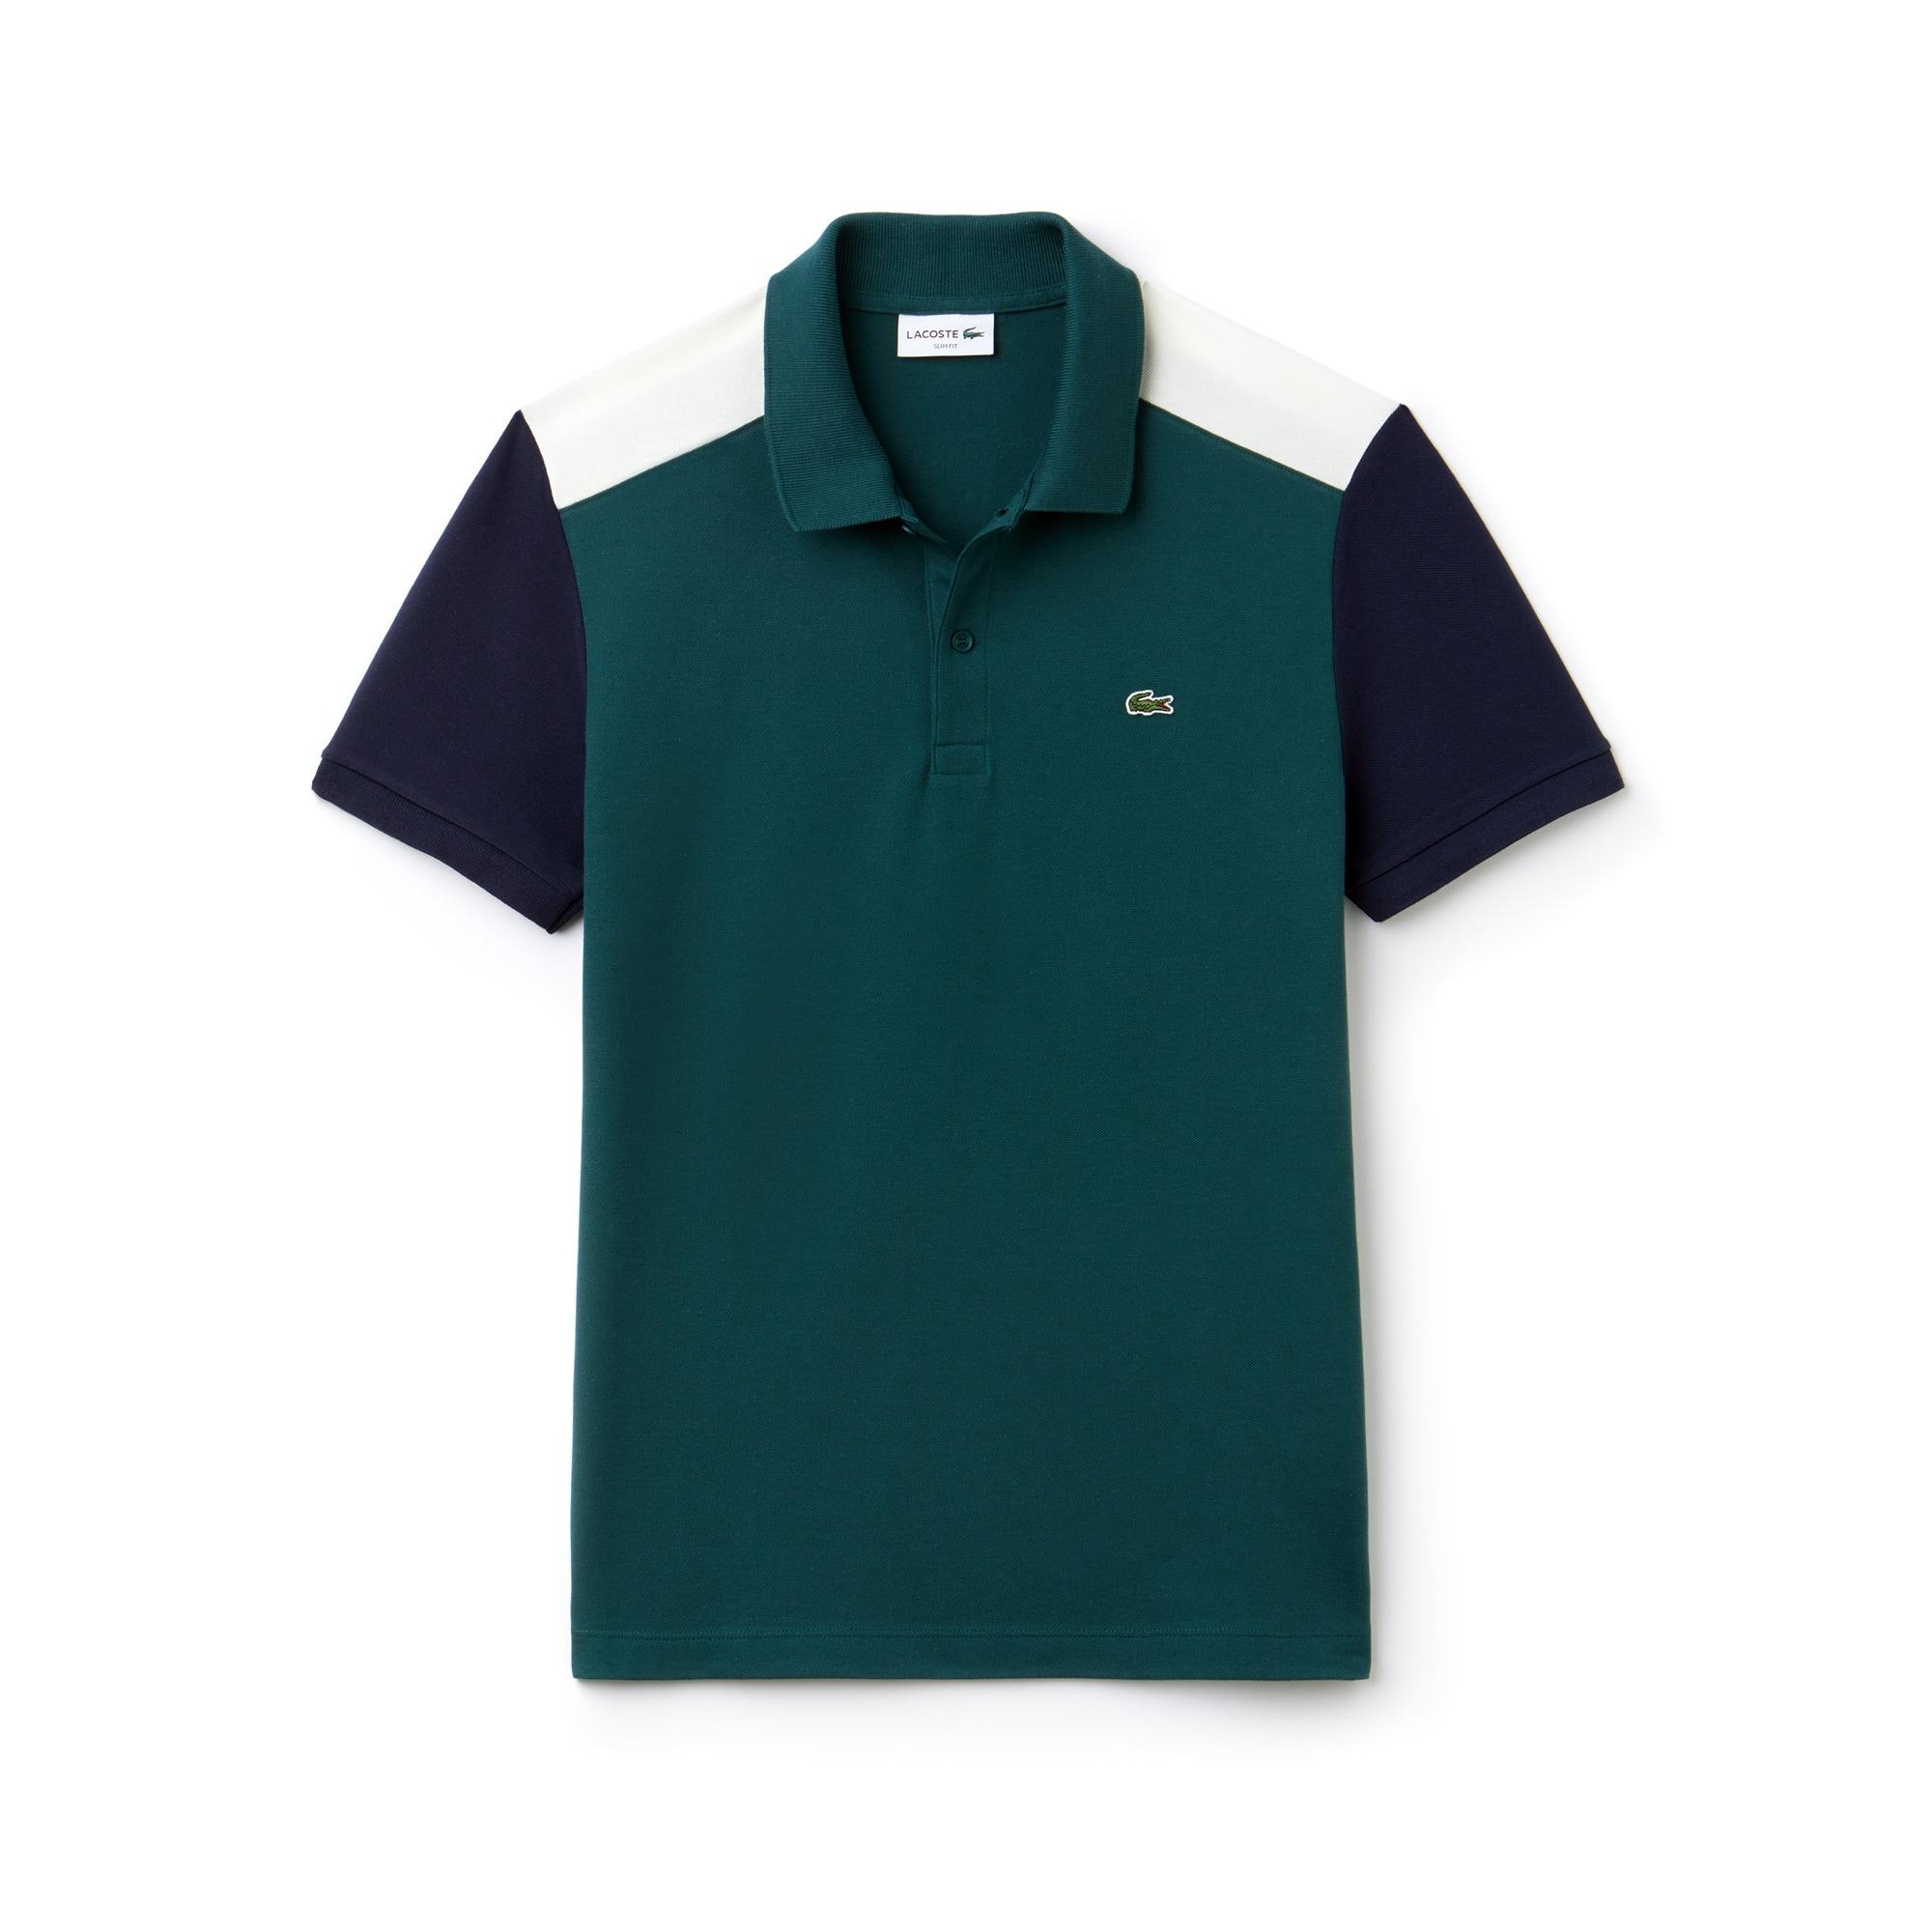 Herren LACOSTE Slim Fit Poloshirt aus Stretch-Prima Baumwollpiqué